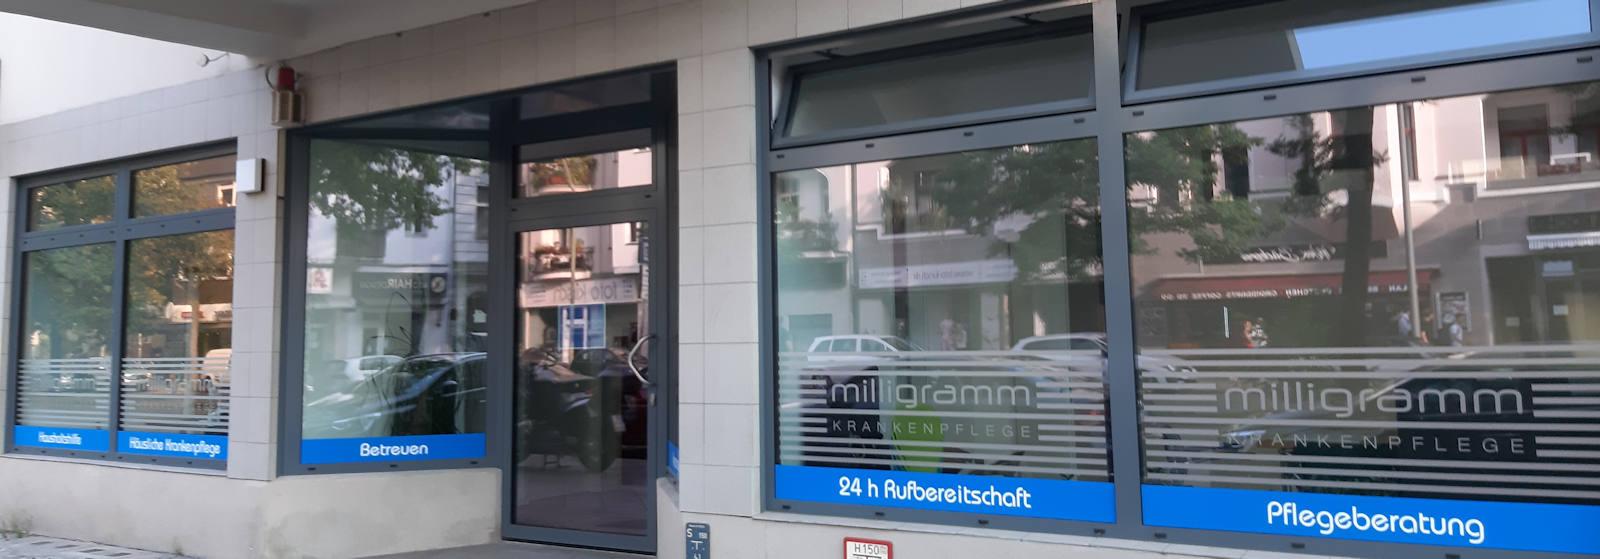 Milligramm Hauskrankenpflege Berlin